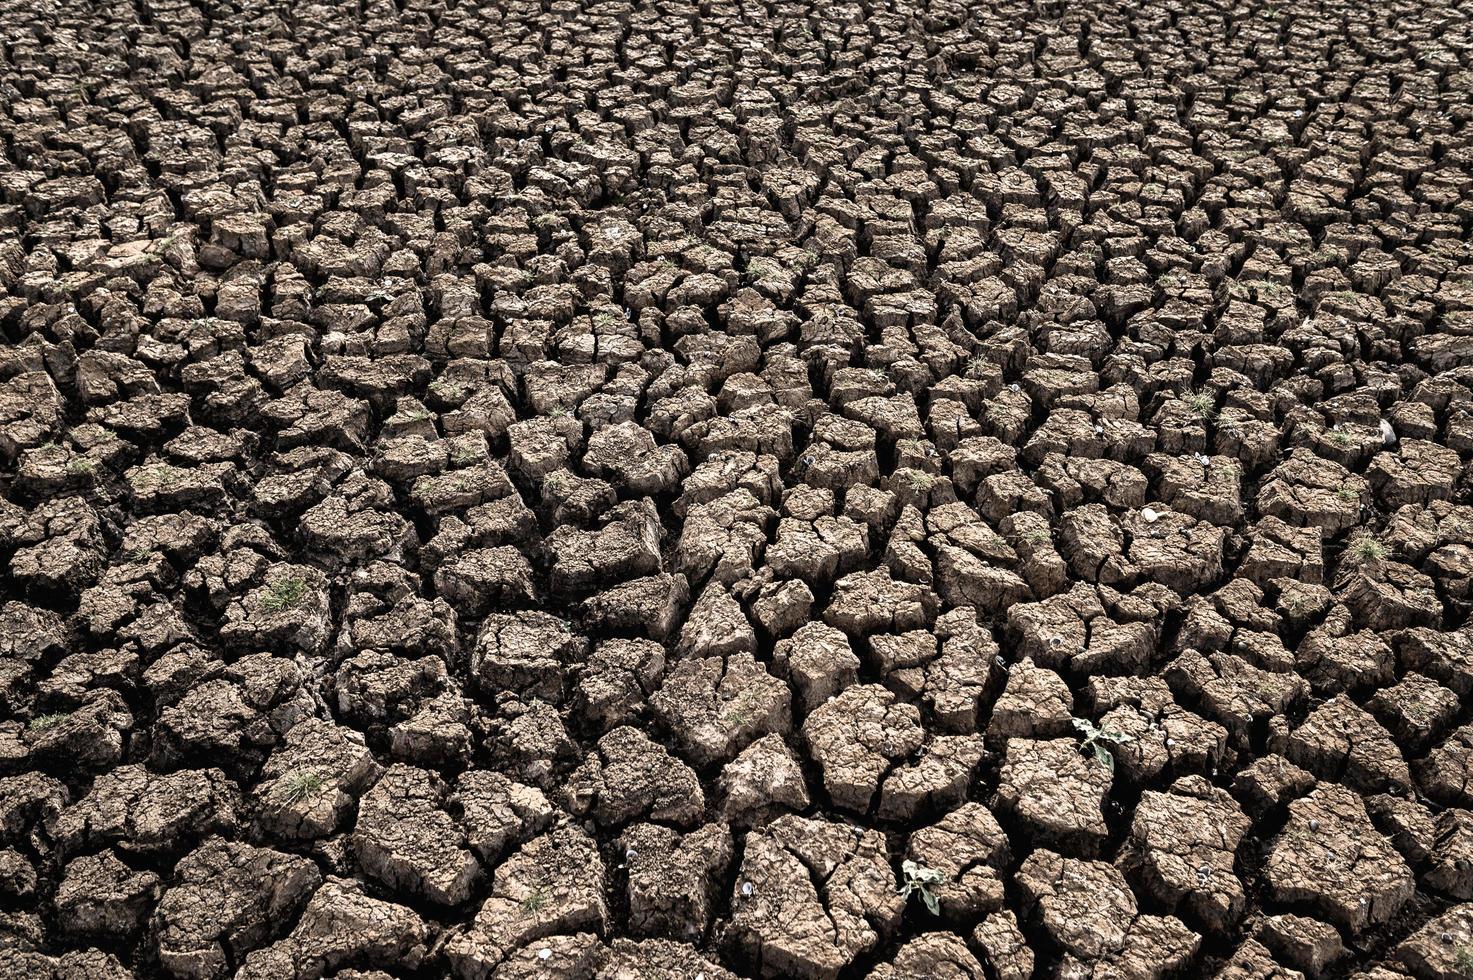 trockenes Land mit trockenem und rissigem Boden foto